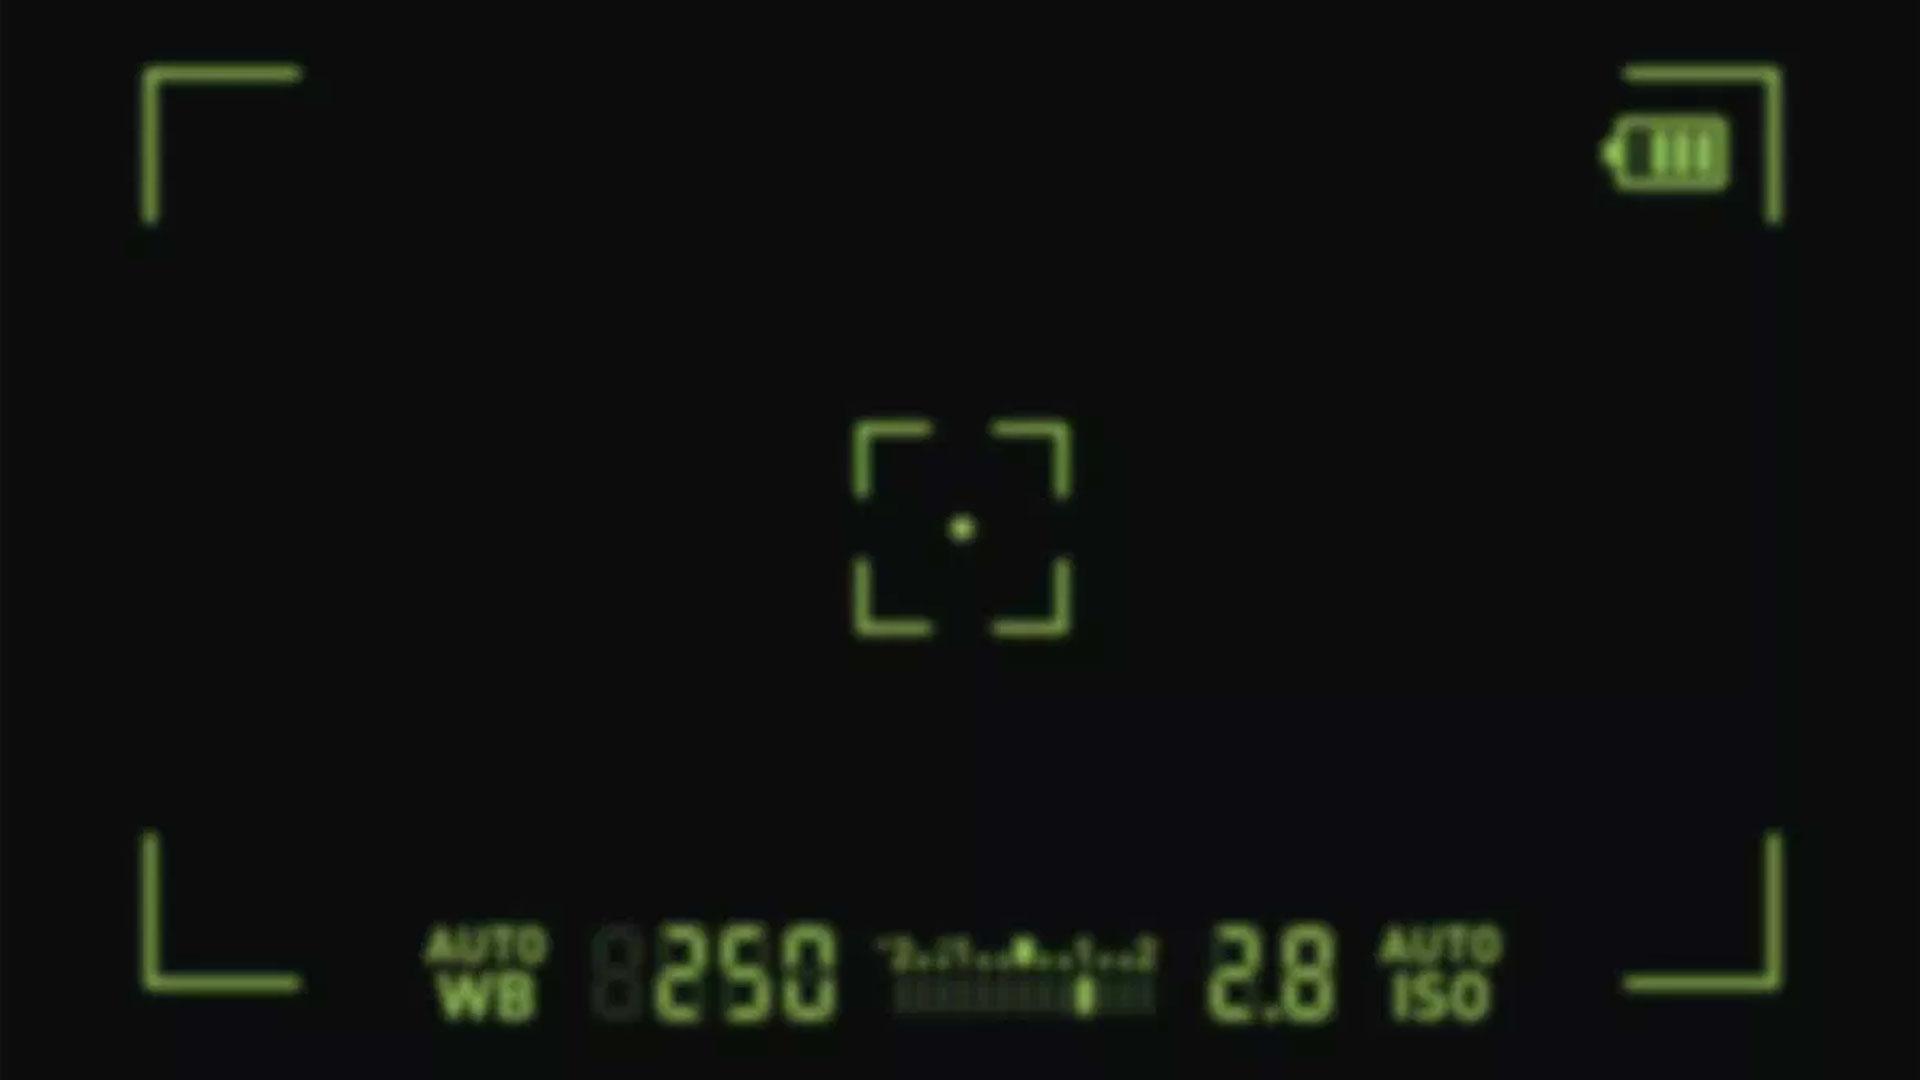 blurry-viewfinder